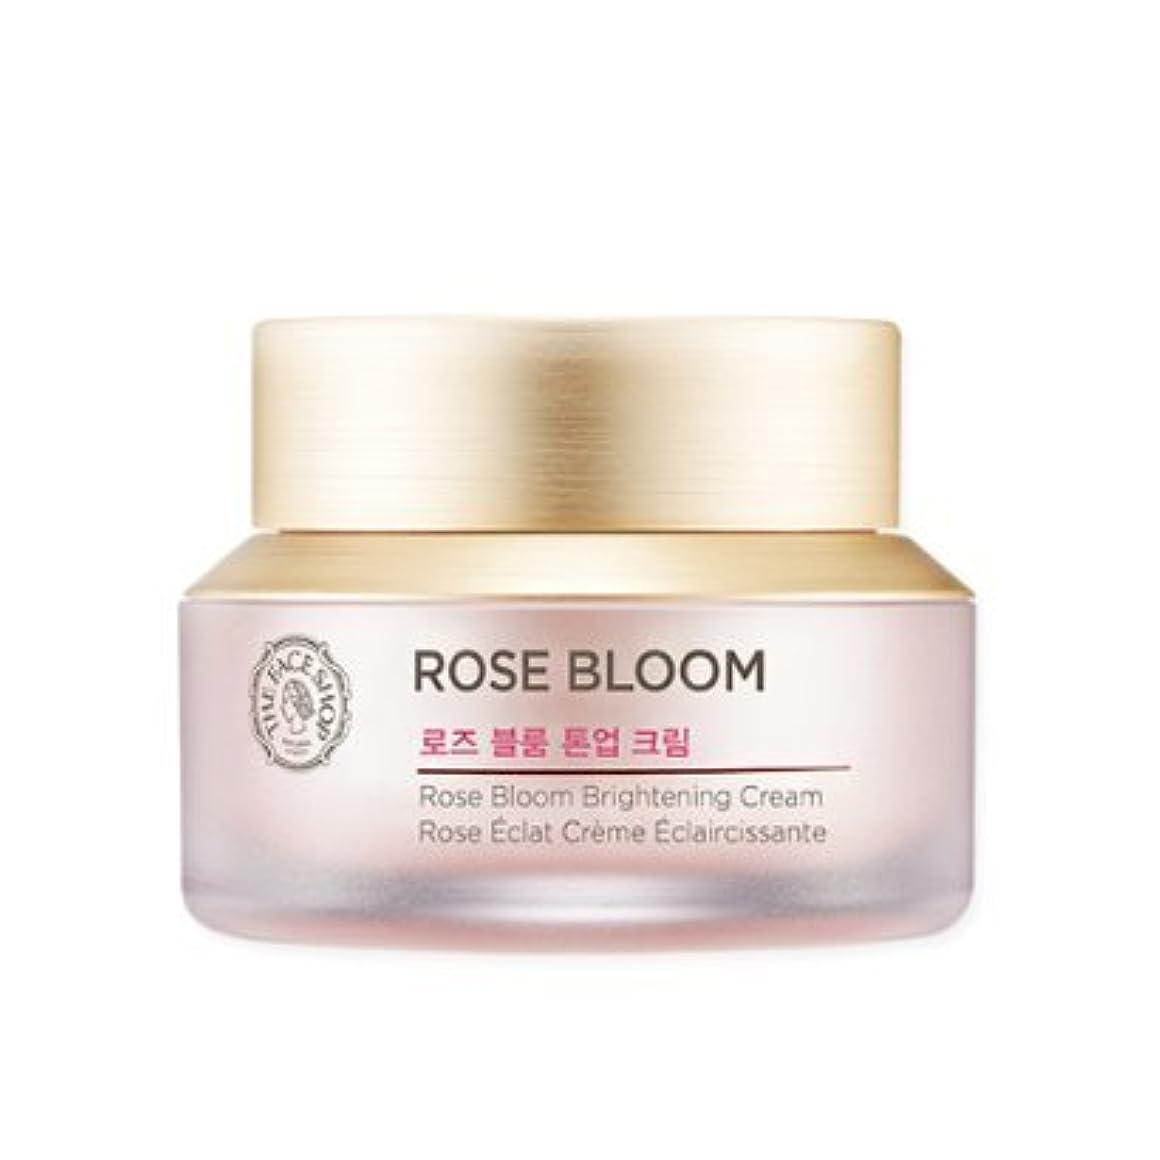 過剰従事するアイドルTHE FACE SHOP Rose Bloom tone-up cream ザフェイスショップ ローズブルームトン - アップクリーム [並行輸入品]